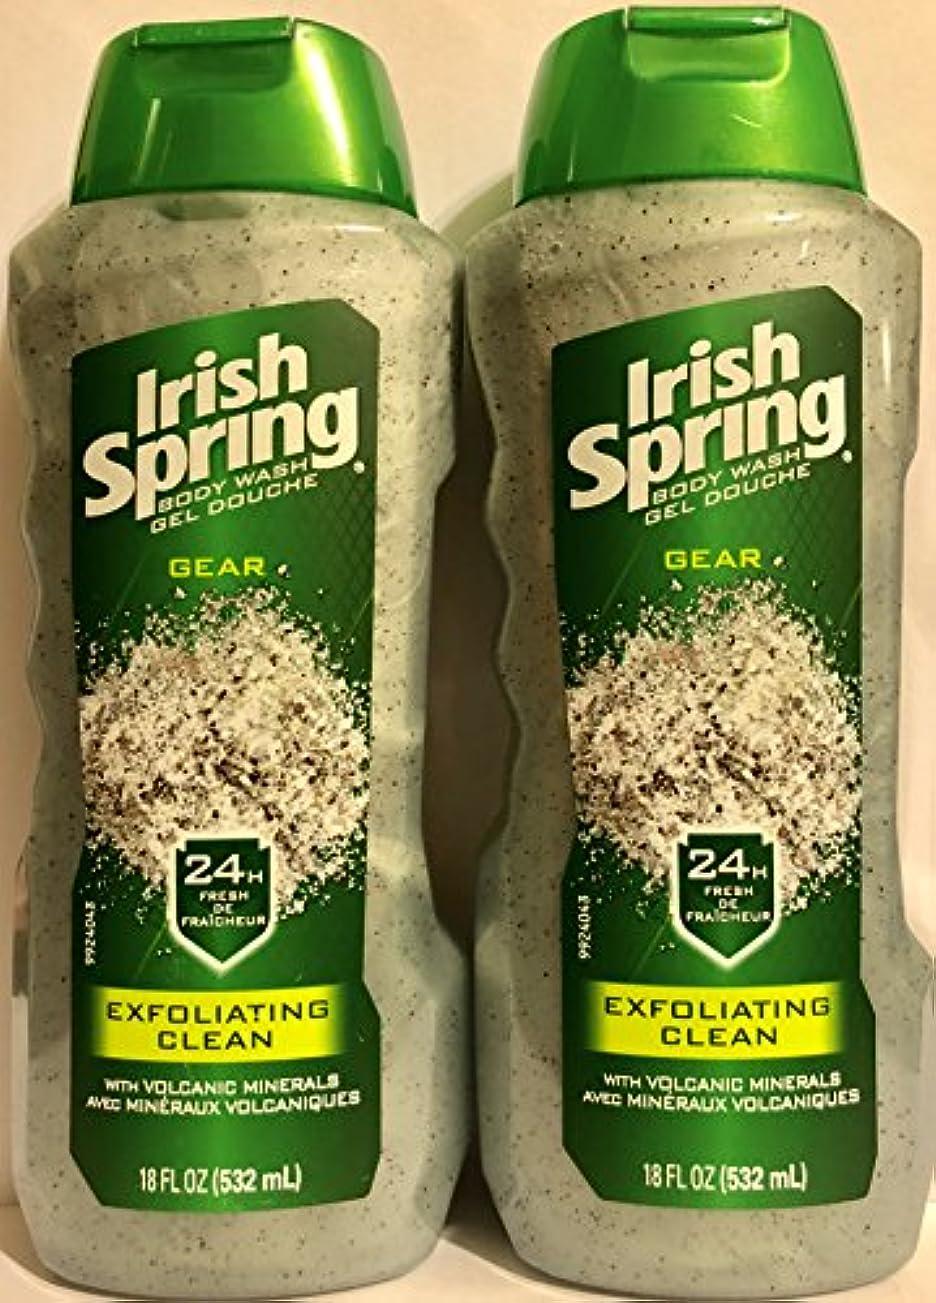 対応森距離Irish Spring ギアボディウォッシュ - エクスフォリエイティングクリーン - 火山ミネラルを - ネット重量。ボトルパー18液量オンス(532 ml)を - 2本のボトルのパック